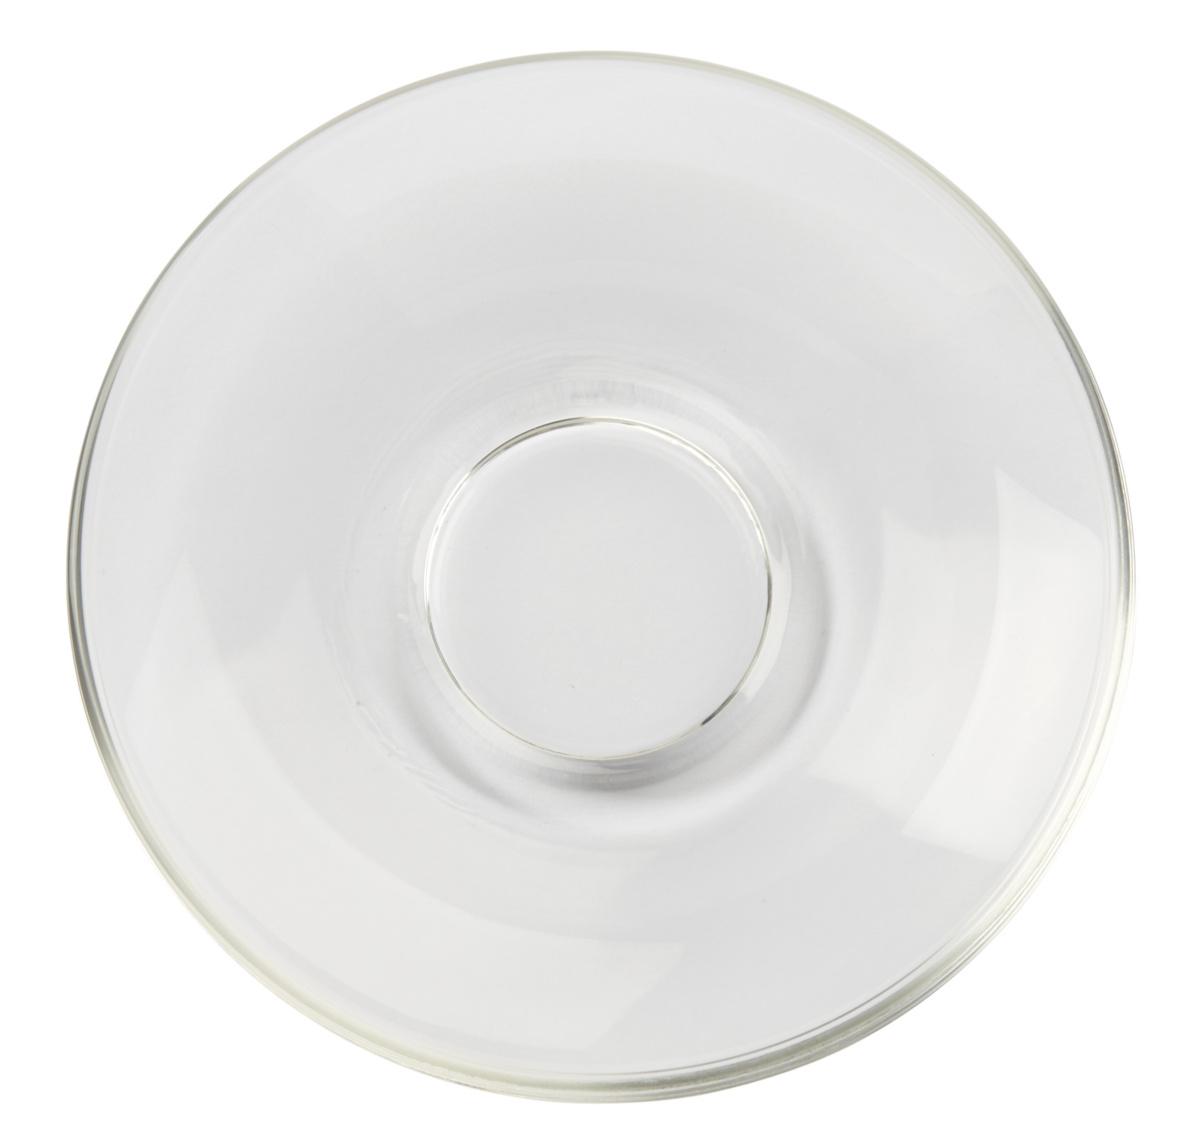 Sous-tasse à expresso ronde transparente verre 15 cl Ø 11,70 cm Dolce Pro.mundi